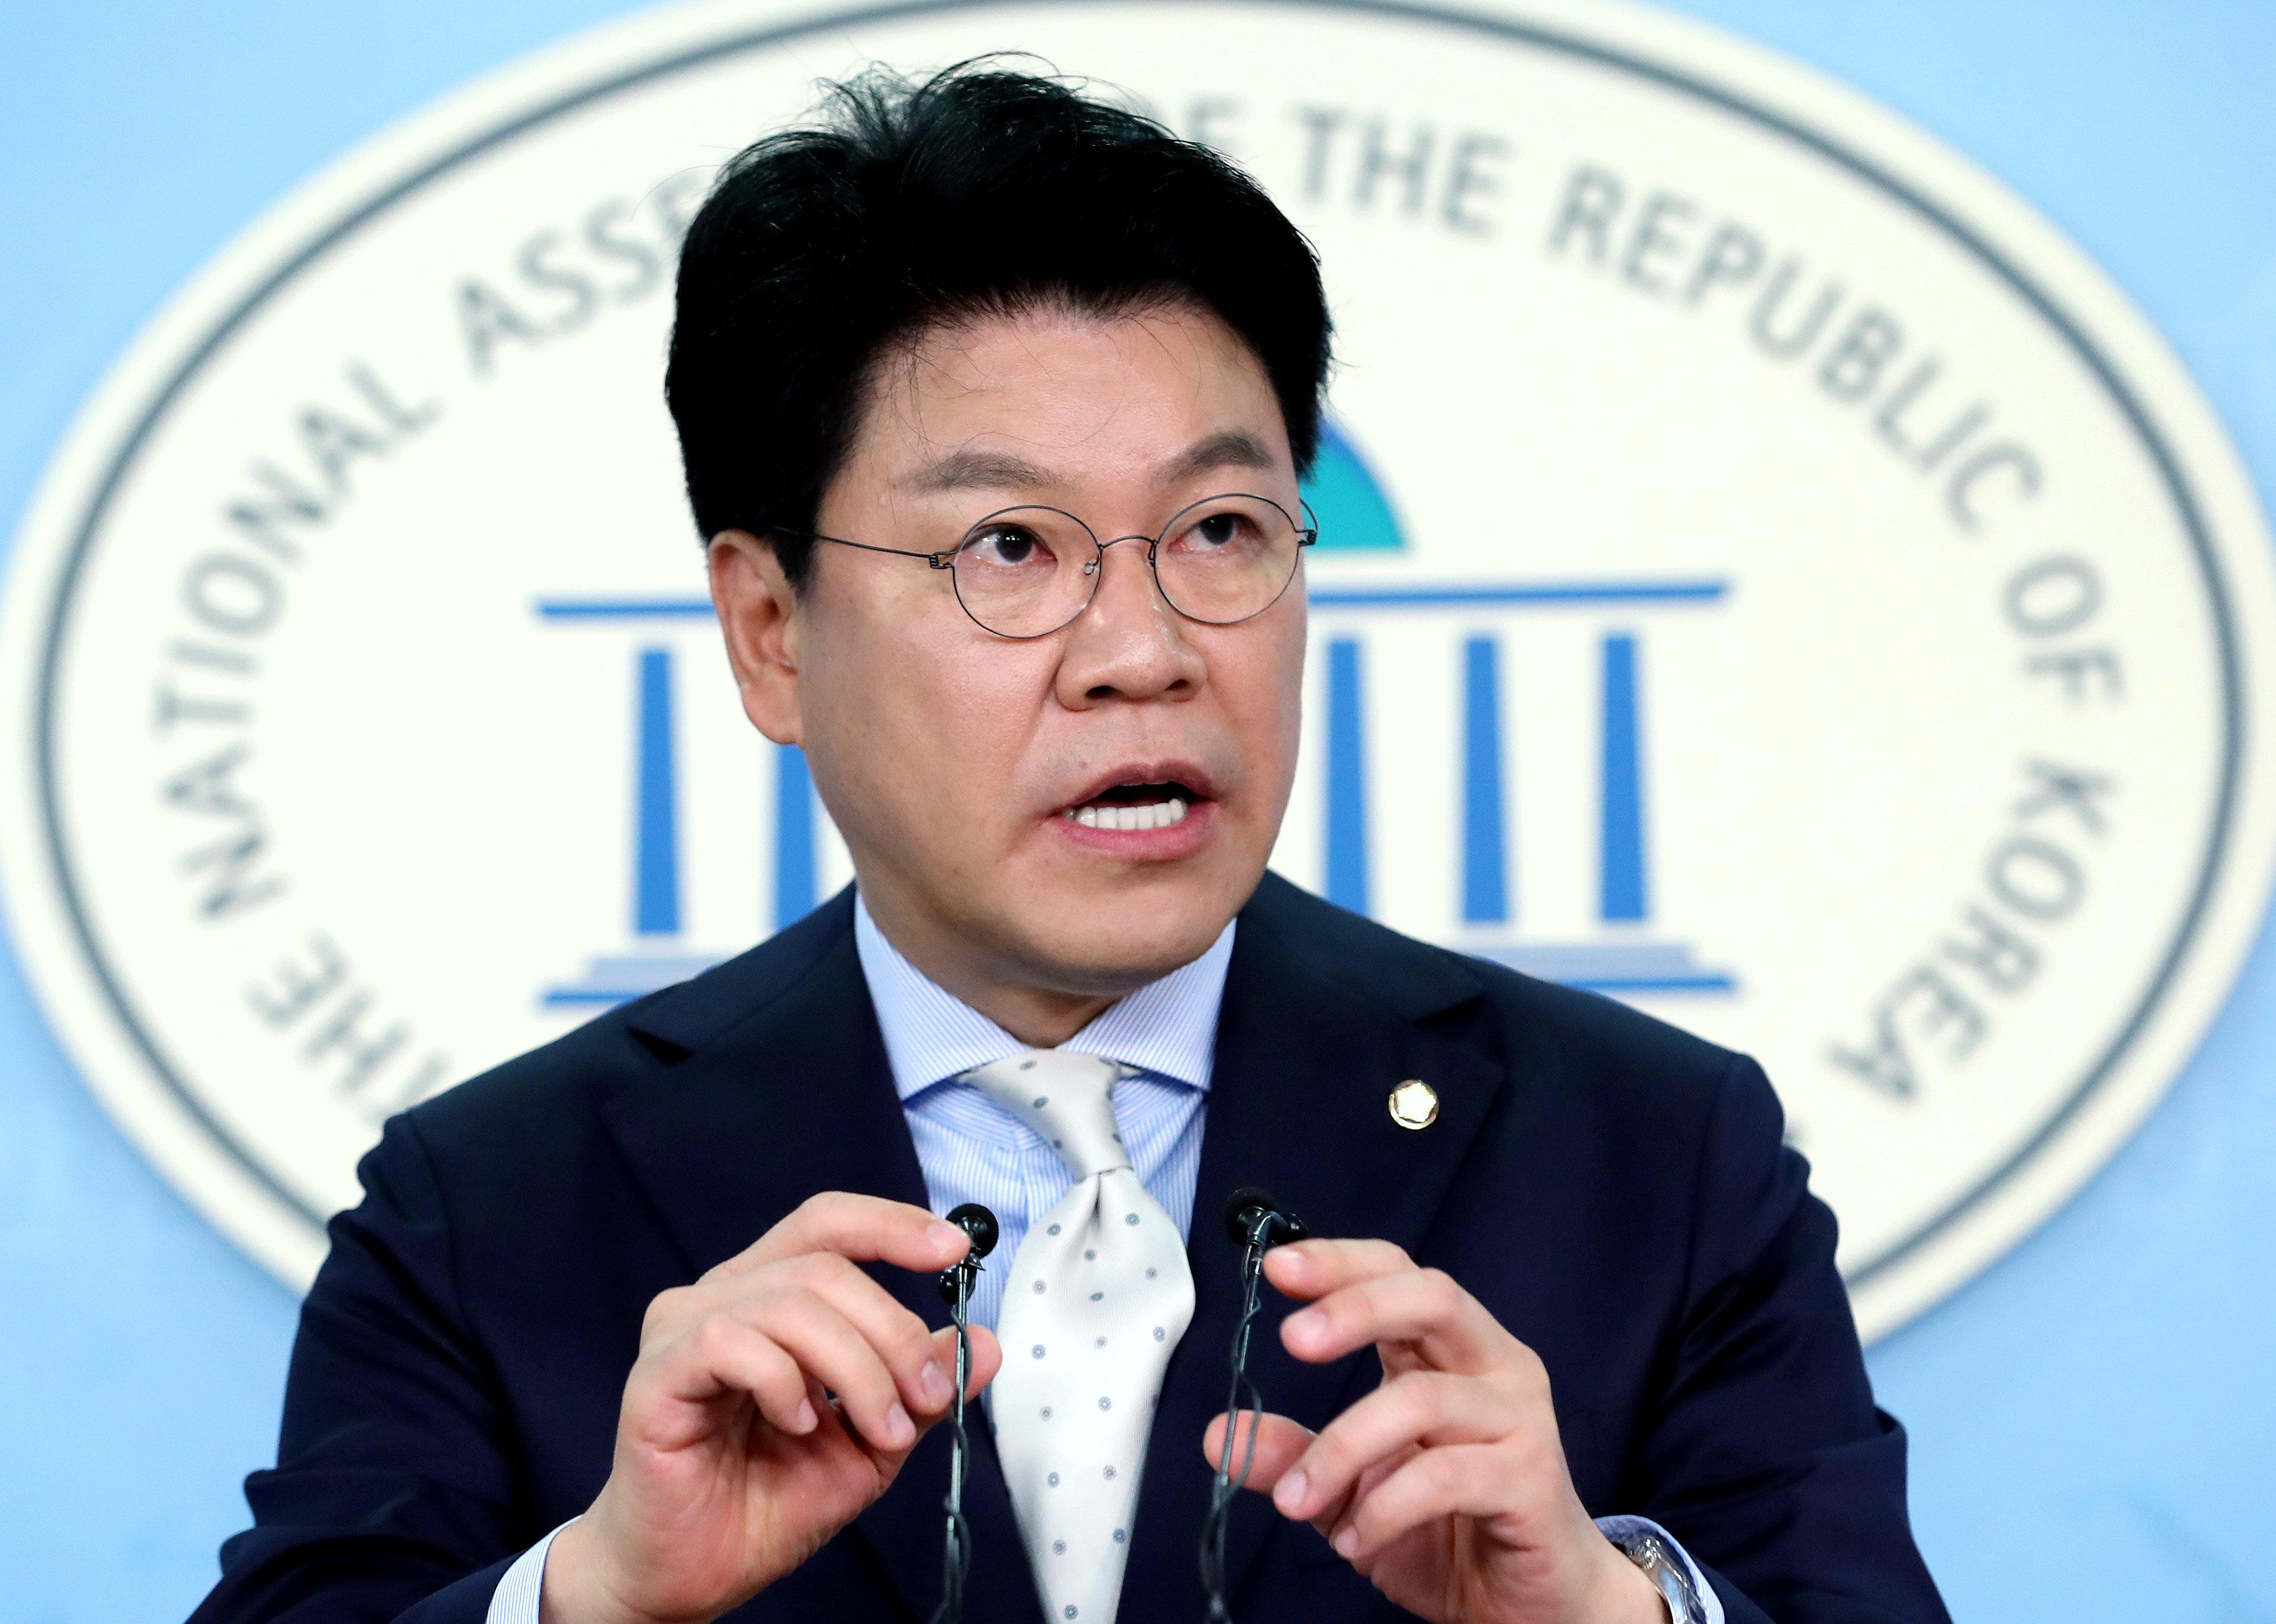 9.13 부동산 대책에 대해 장제원은 자유한국당과 생각이